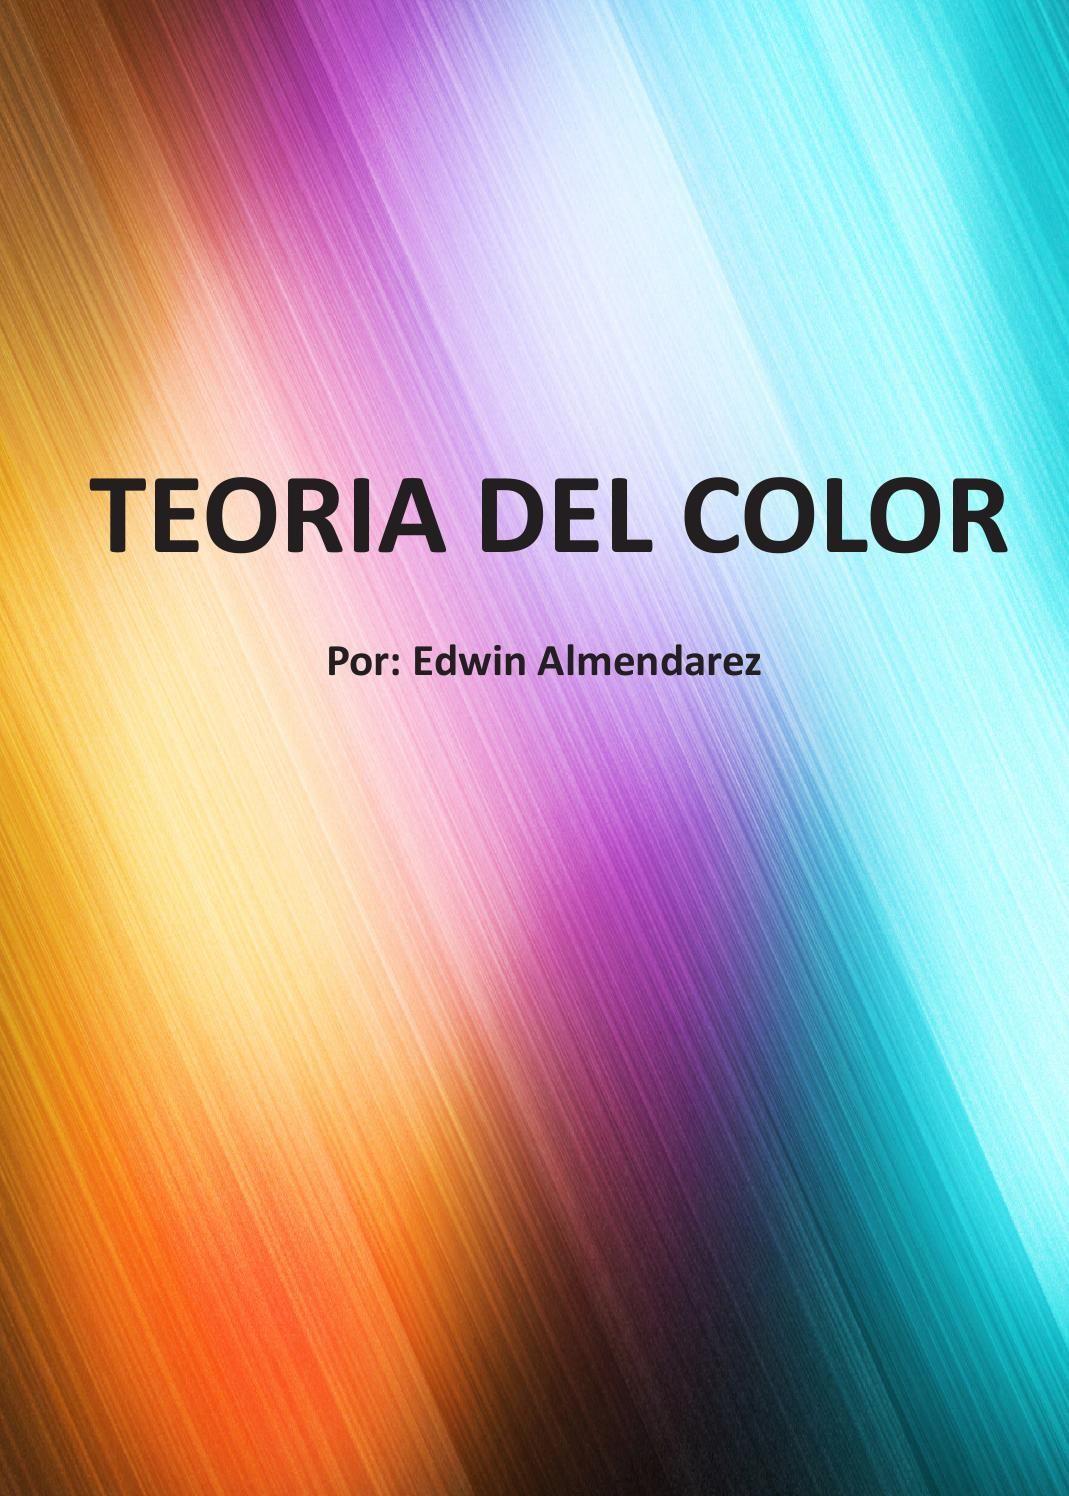 Manual de bolsillo | El color, Encontrado y Sobres